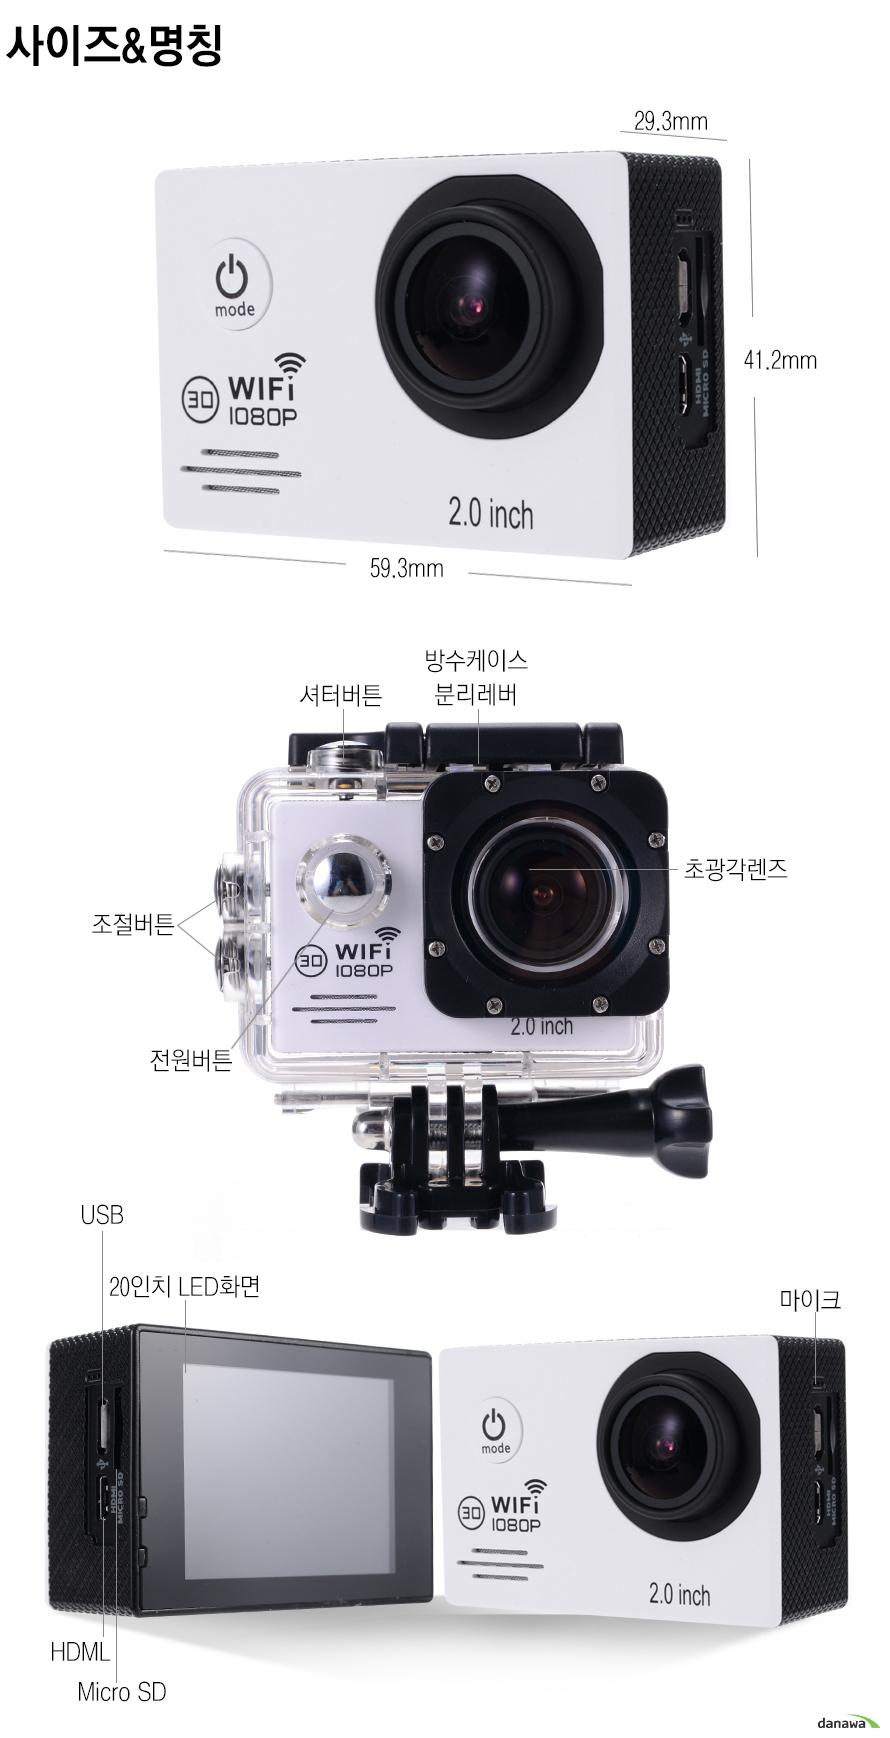 사이즈 그리고 명칭29.3mm,41.2mm,59.3mm셔터버튼, 방수케이스 분리레버조절버튼, 전원버튼, 초광각렌즈USB, 20인치  LED화면HDML, Micro SD, 마이크